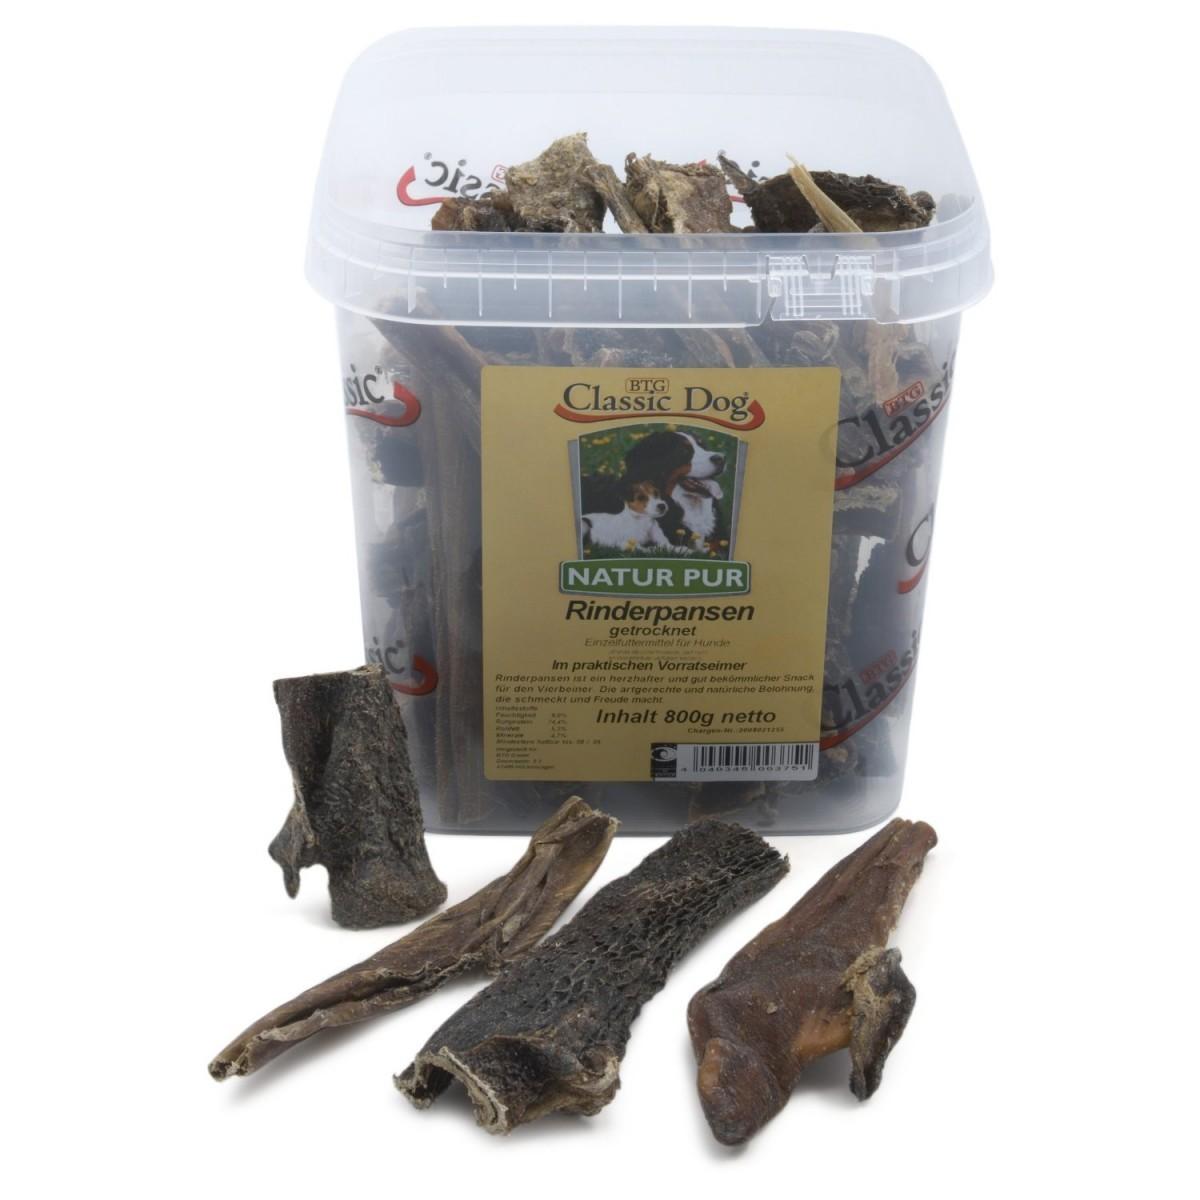 Classic Dog Rinderpansen | 800g Trockenfleisch Hundefleisch